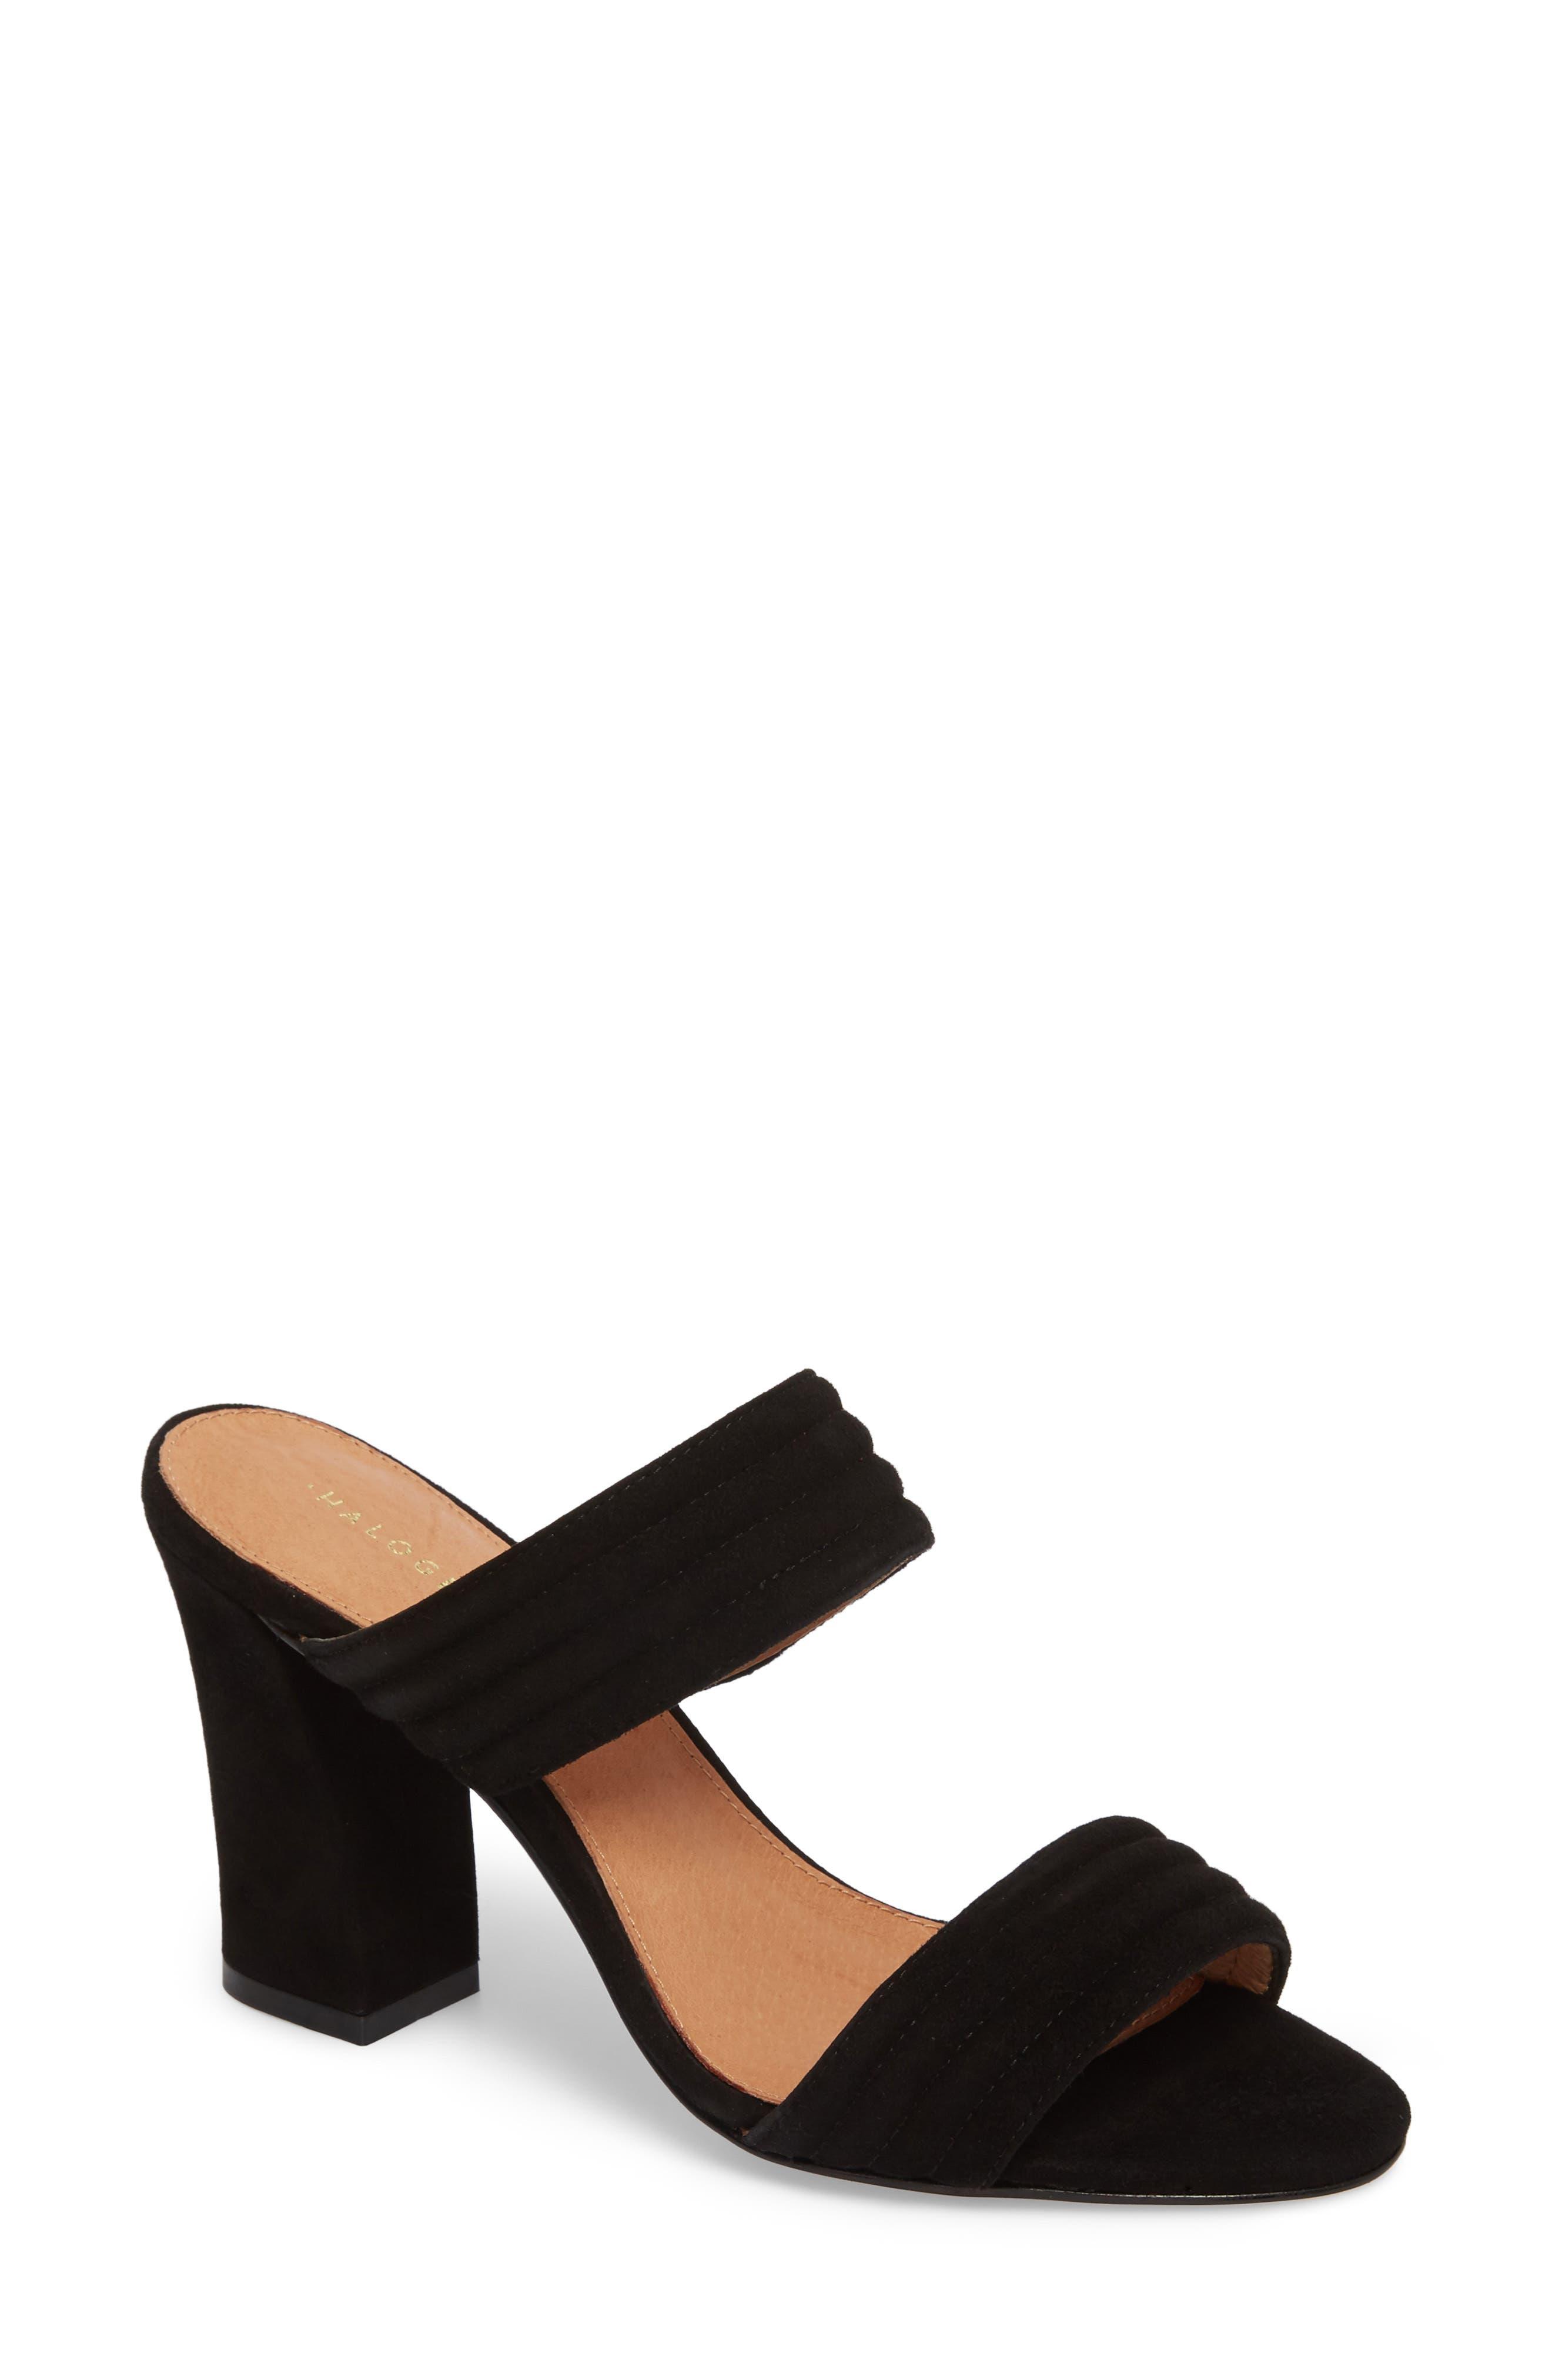 Della Slide Sandal,                         Main,                         color,